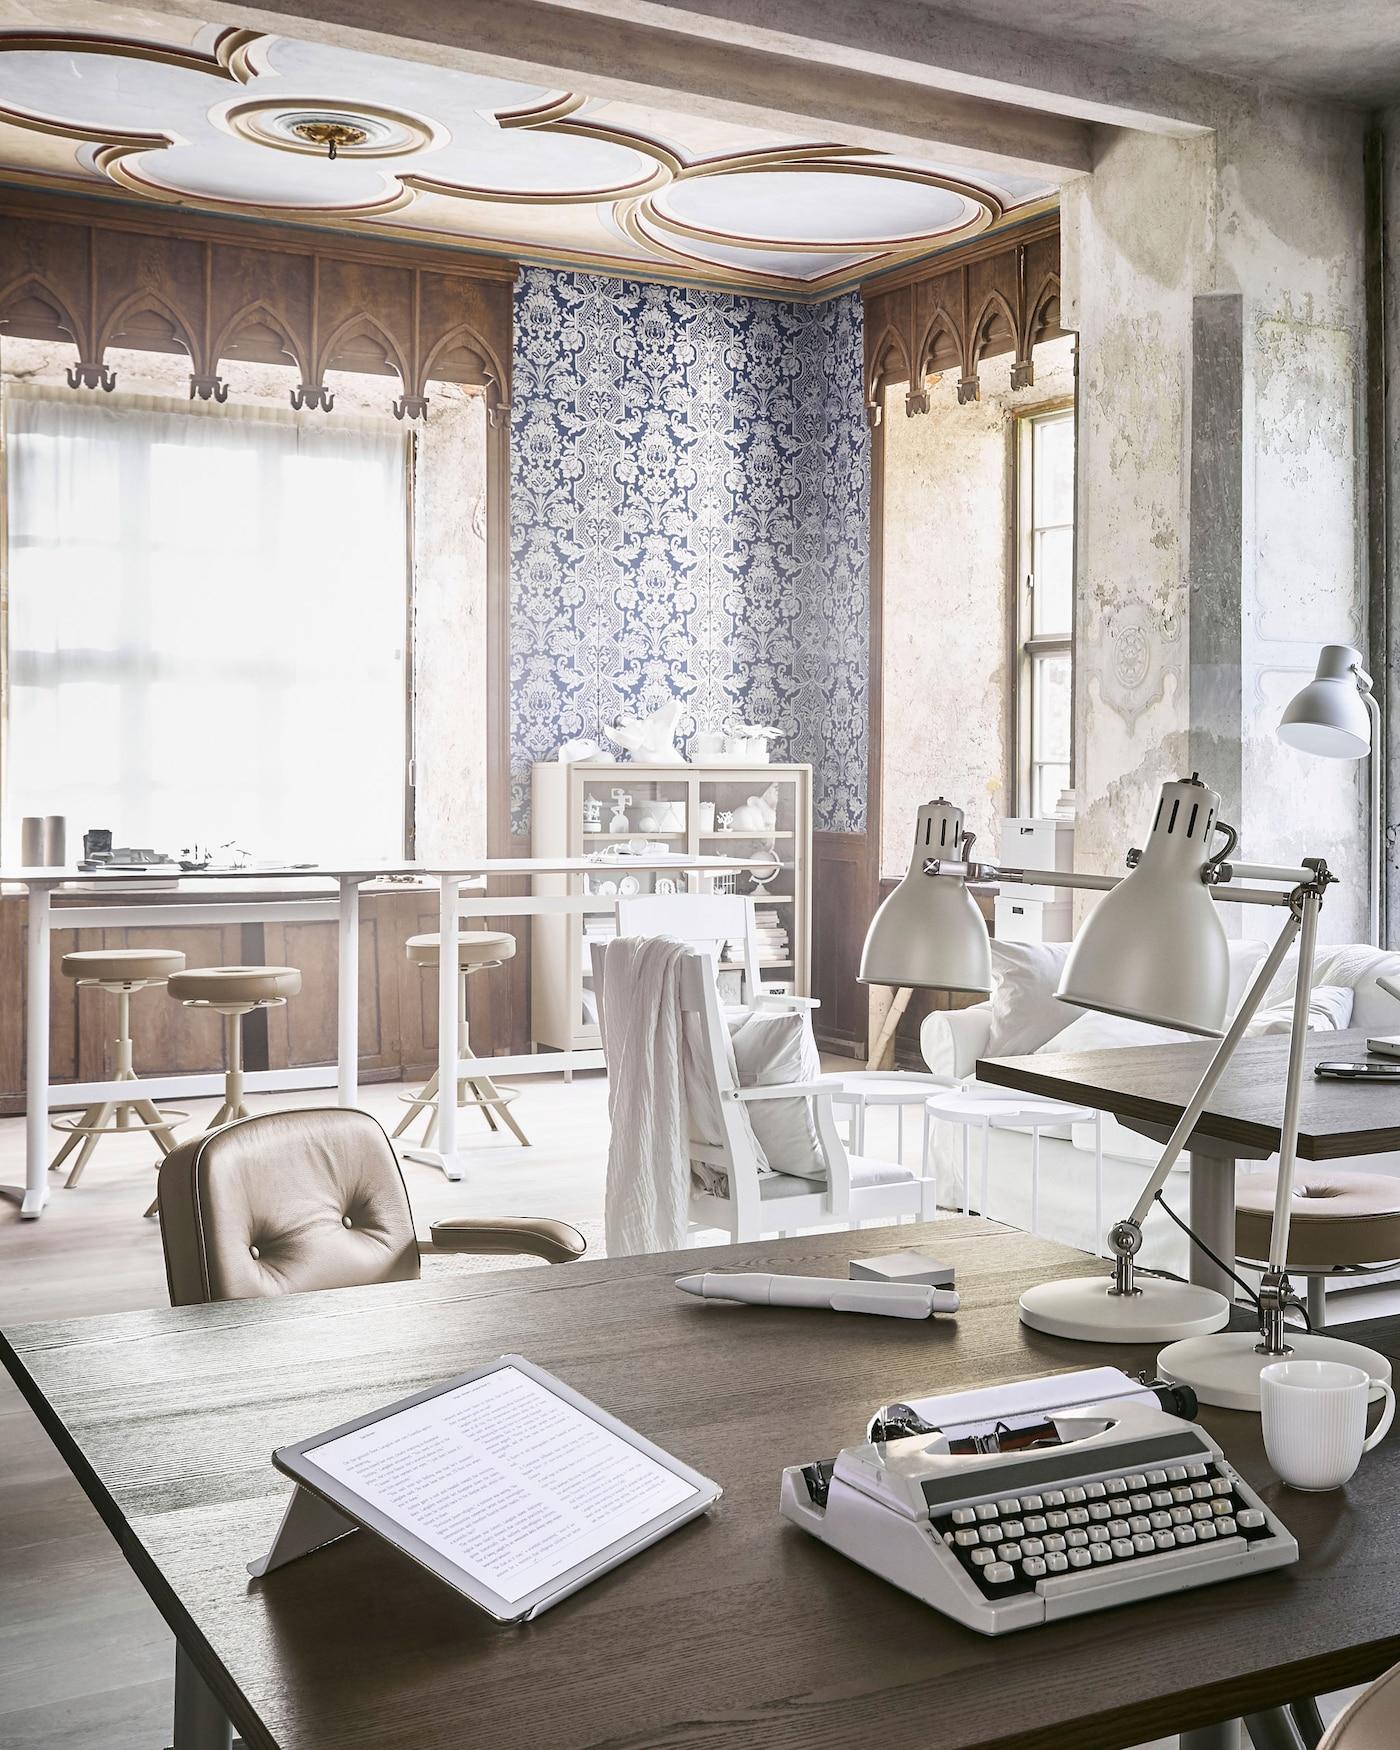 IDÅSEN-työpöytä on helppohoitoinen ja säädettävä työpöytä, jonka pöytälevy on valmistettu saarniviilusta.